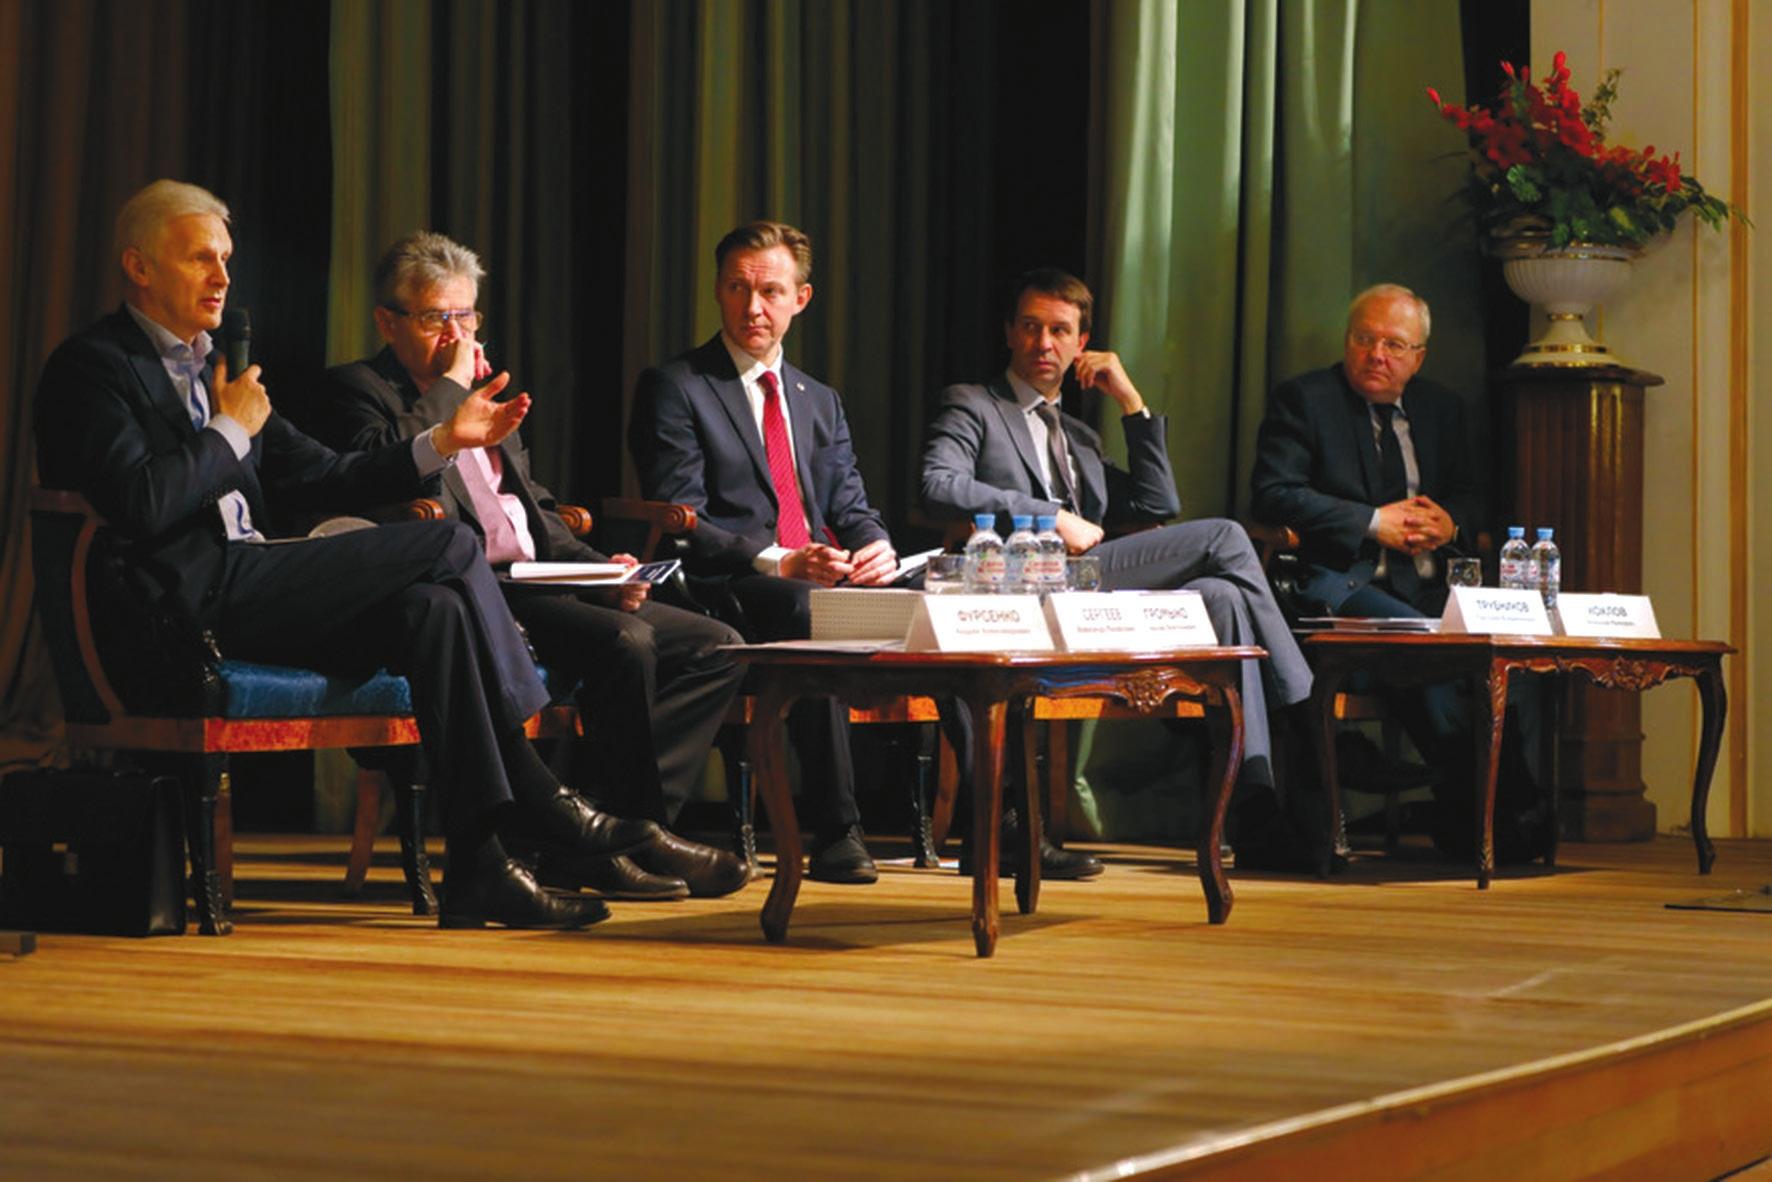 Дискуссия в Доме ученых была жаркой (фотографии с сайта «Научная Россия»)